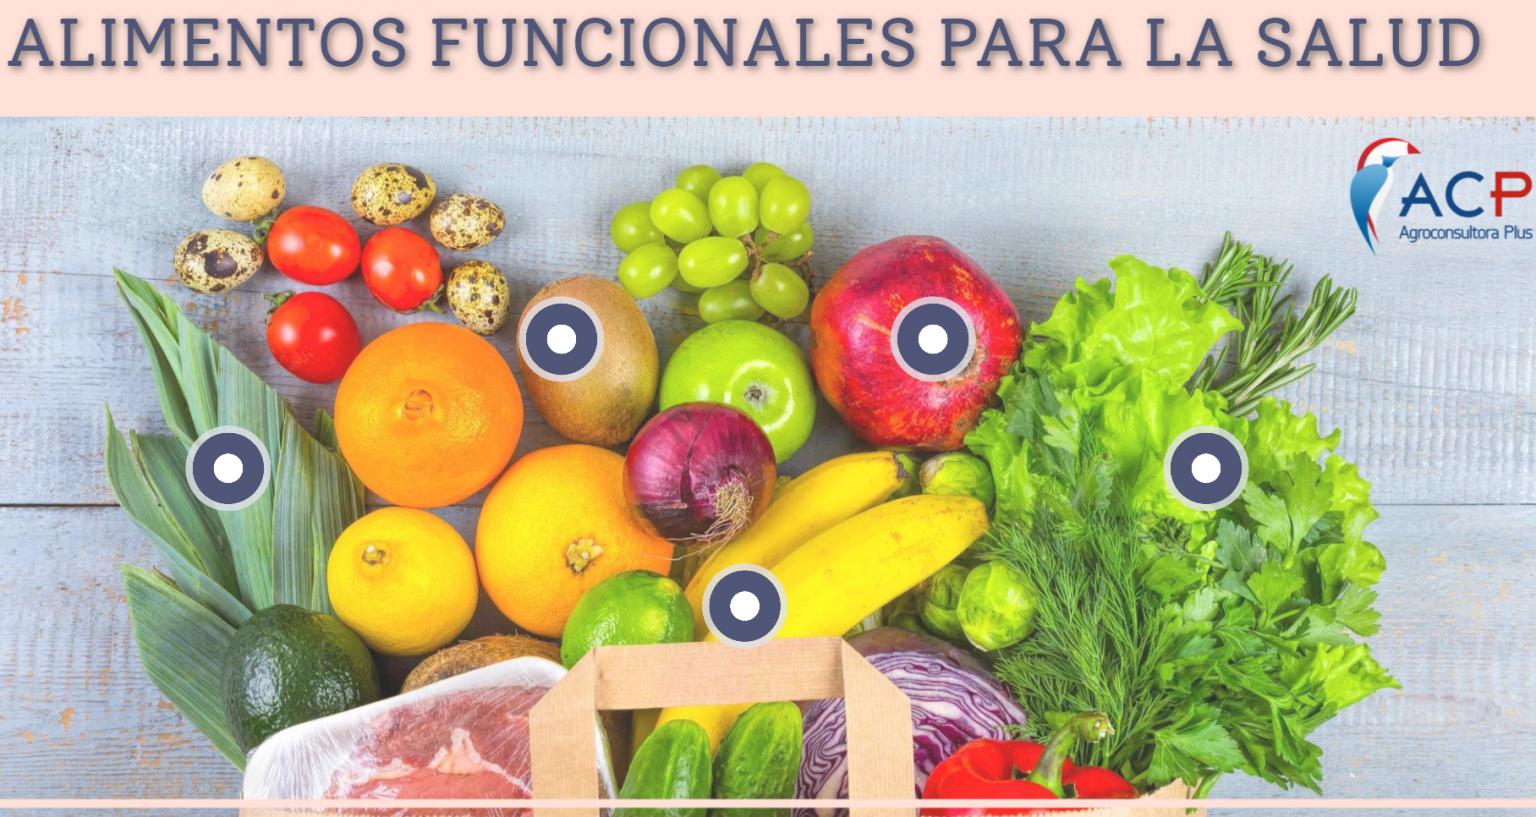 Alimentos Funcionales para la Salud